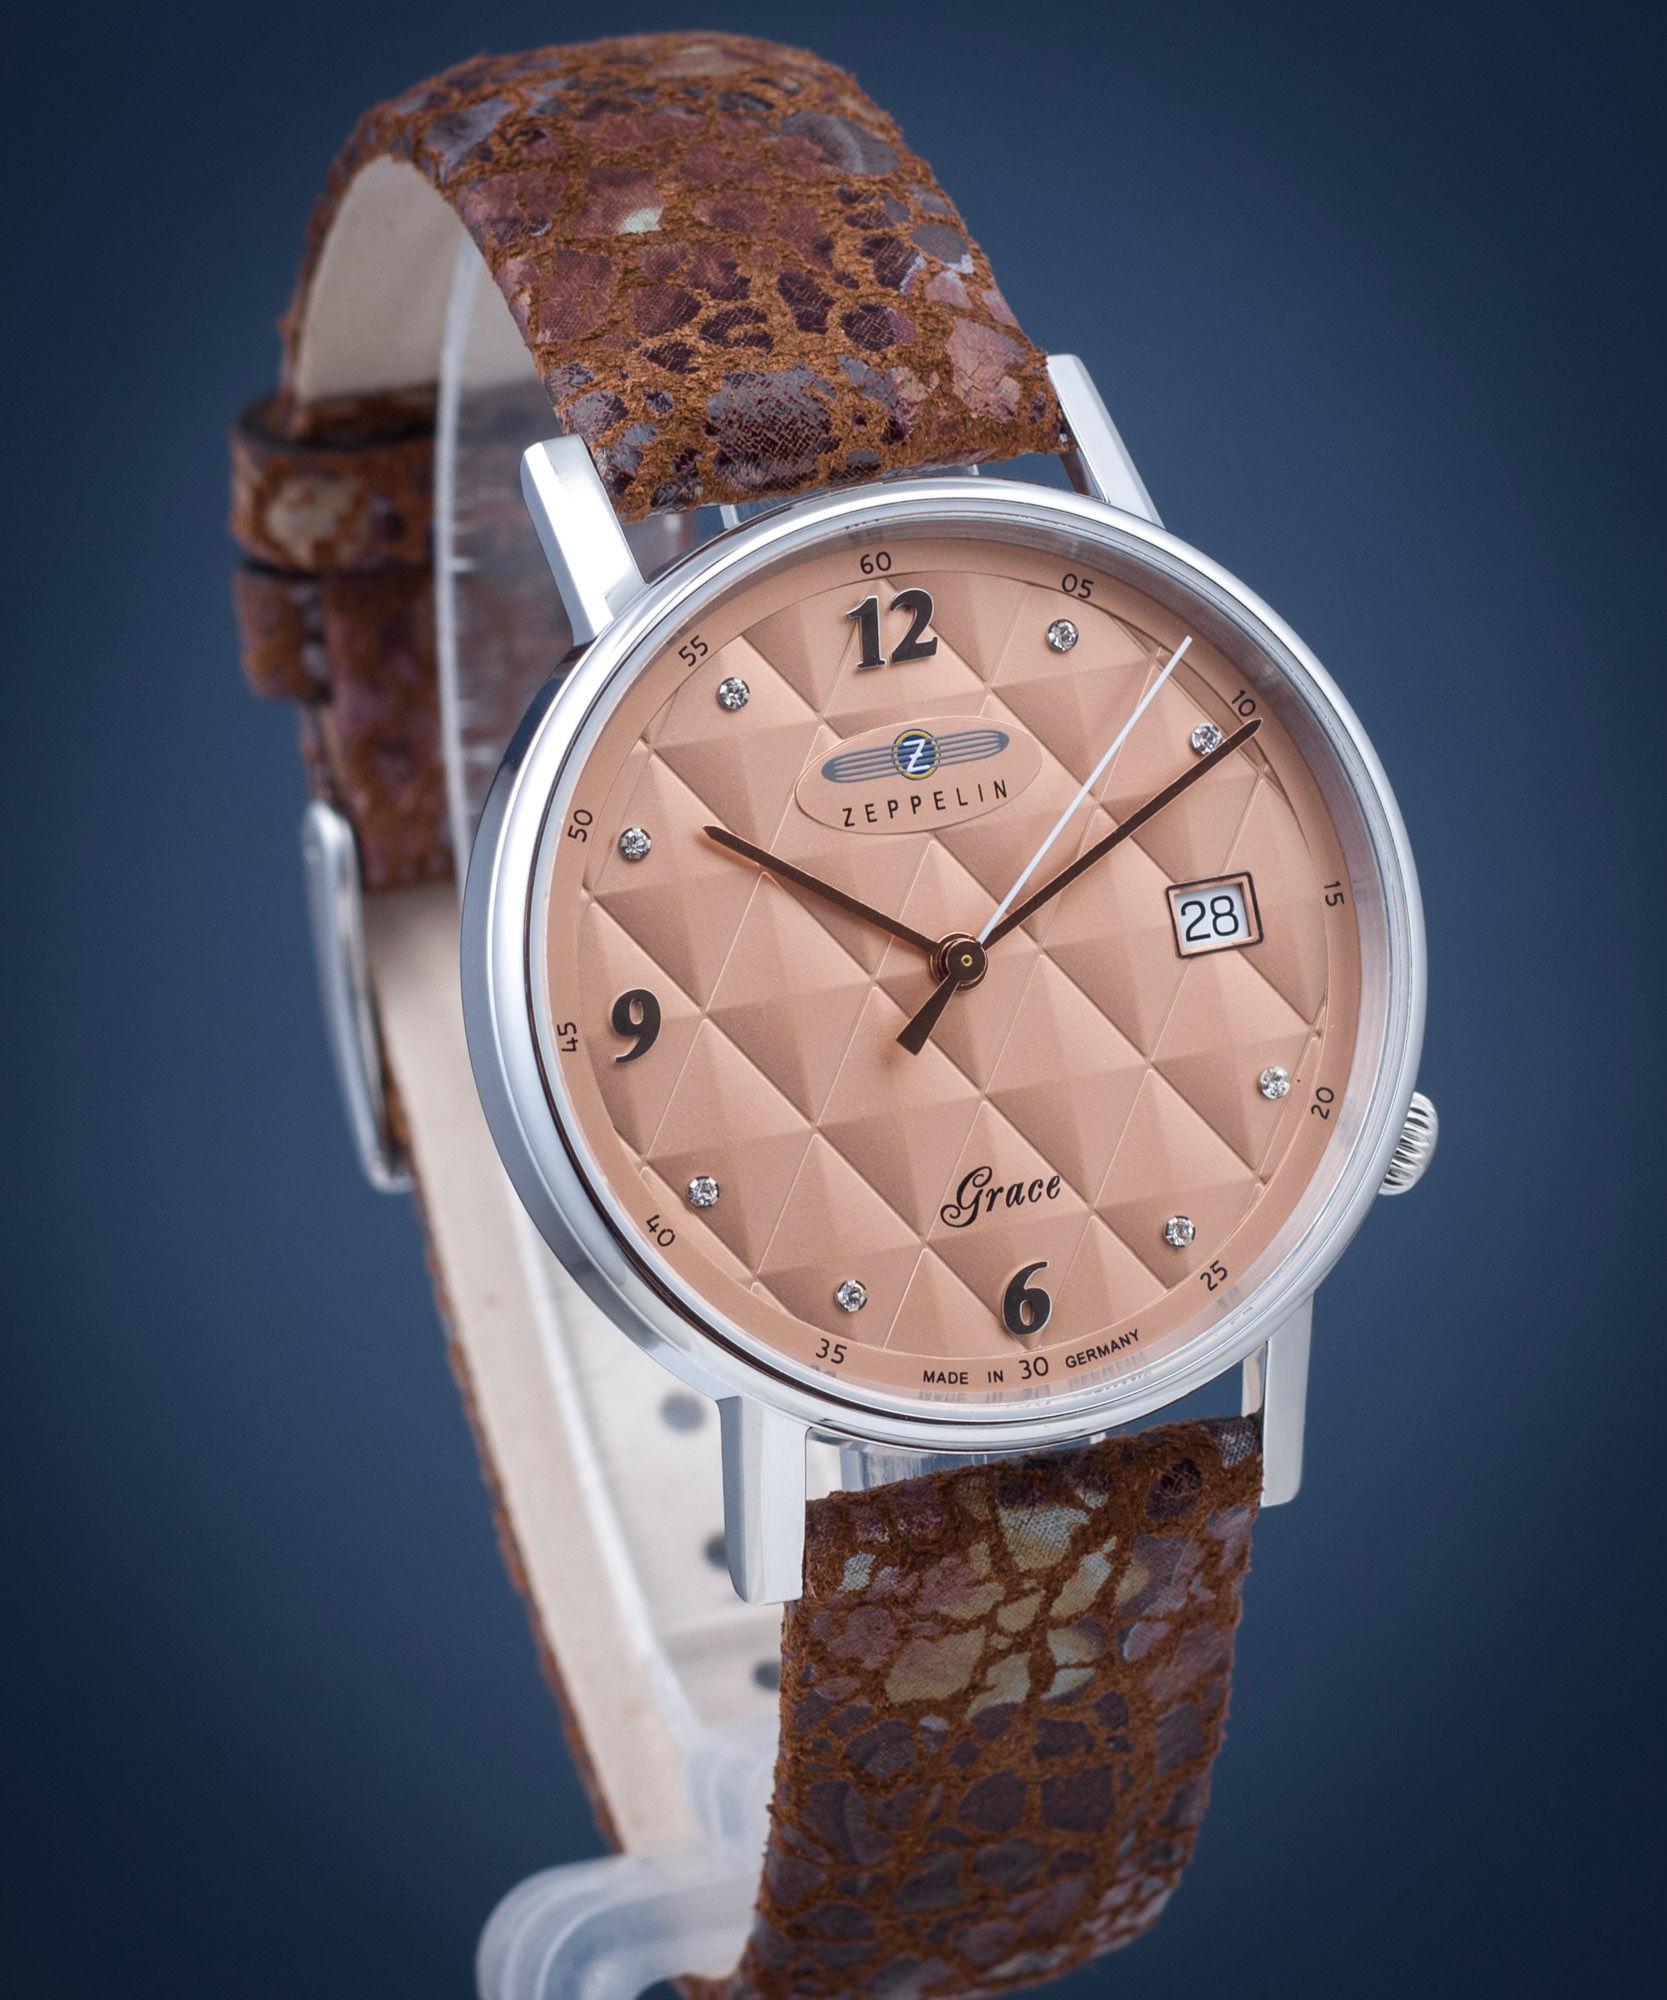 Zegarek damski Zeppelin Grace